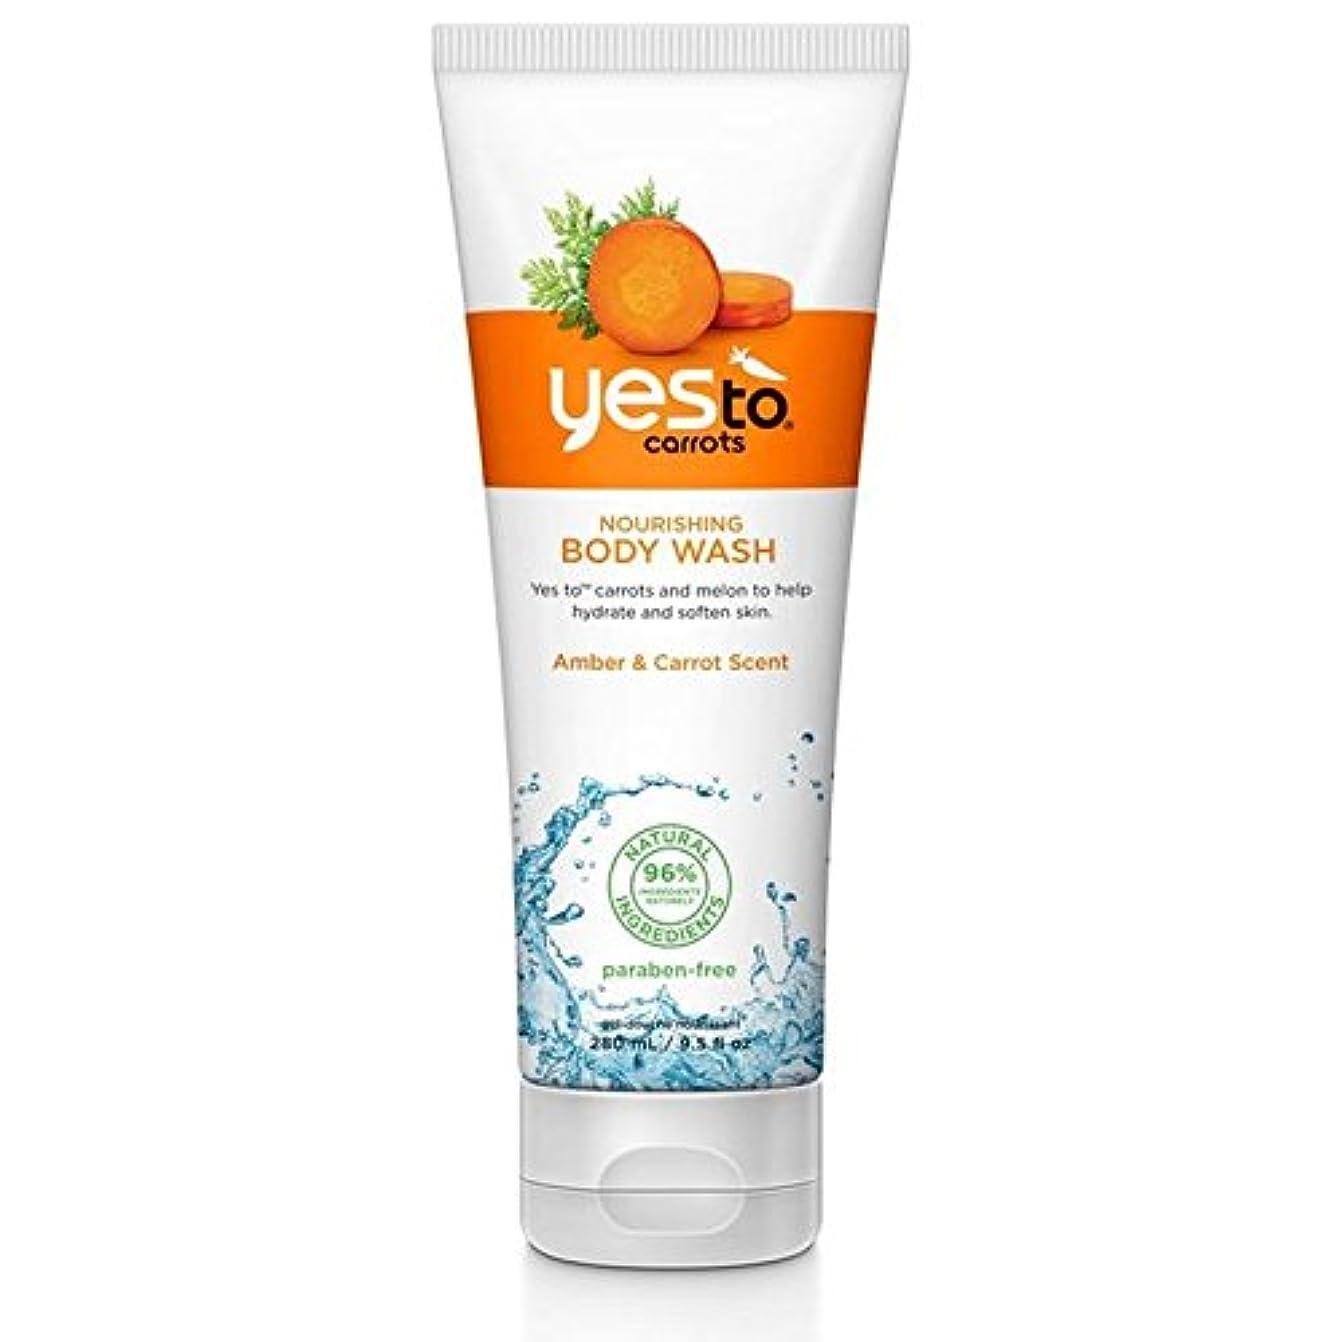 承認する動脈構成するはいボディウォッシュ280ミリリットル栄養ニンジンへ x4 - Yes To Carrots Nourishing Body Wash 280ml (Pack of 4) [並行輸入品]